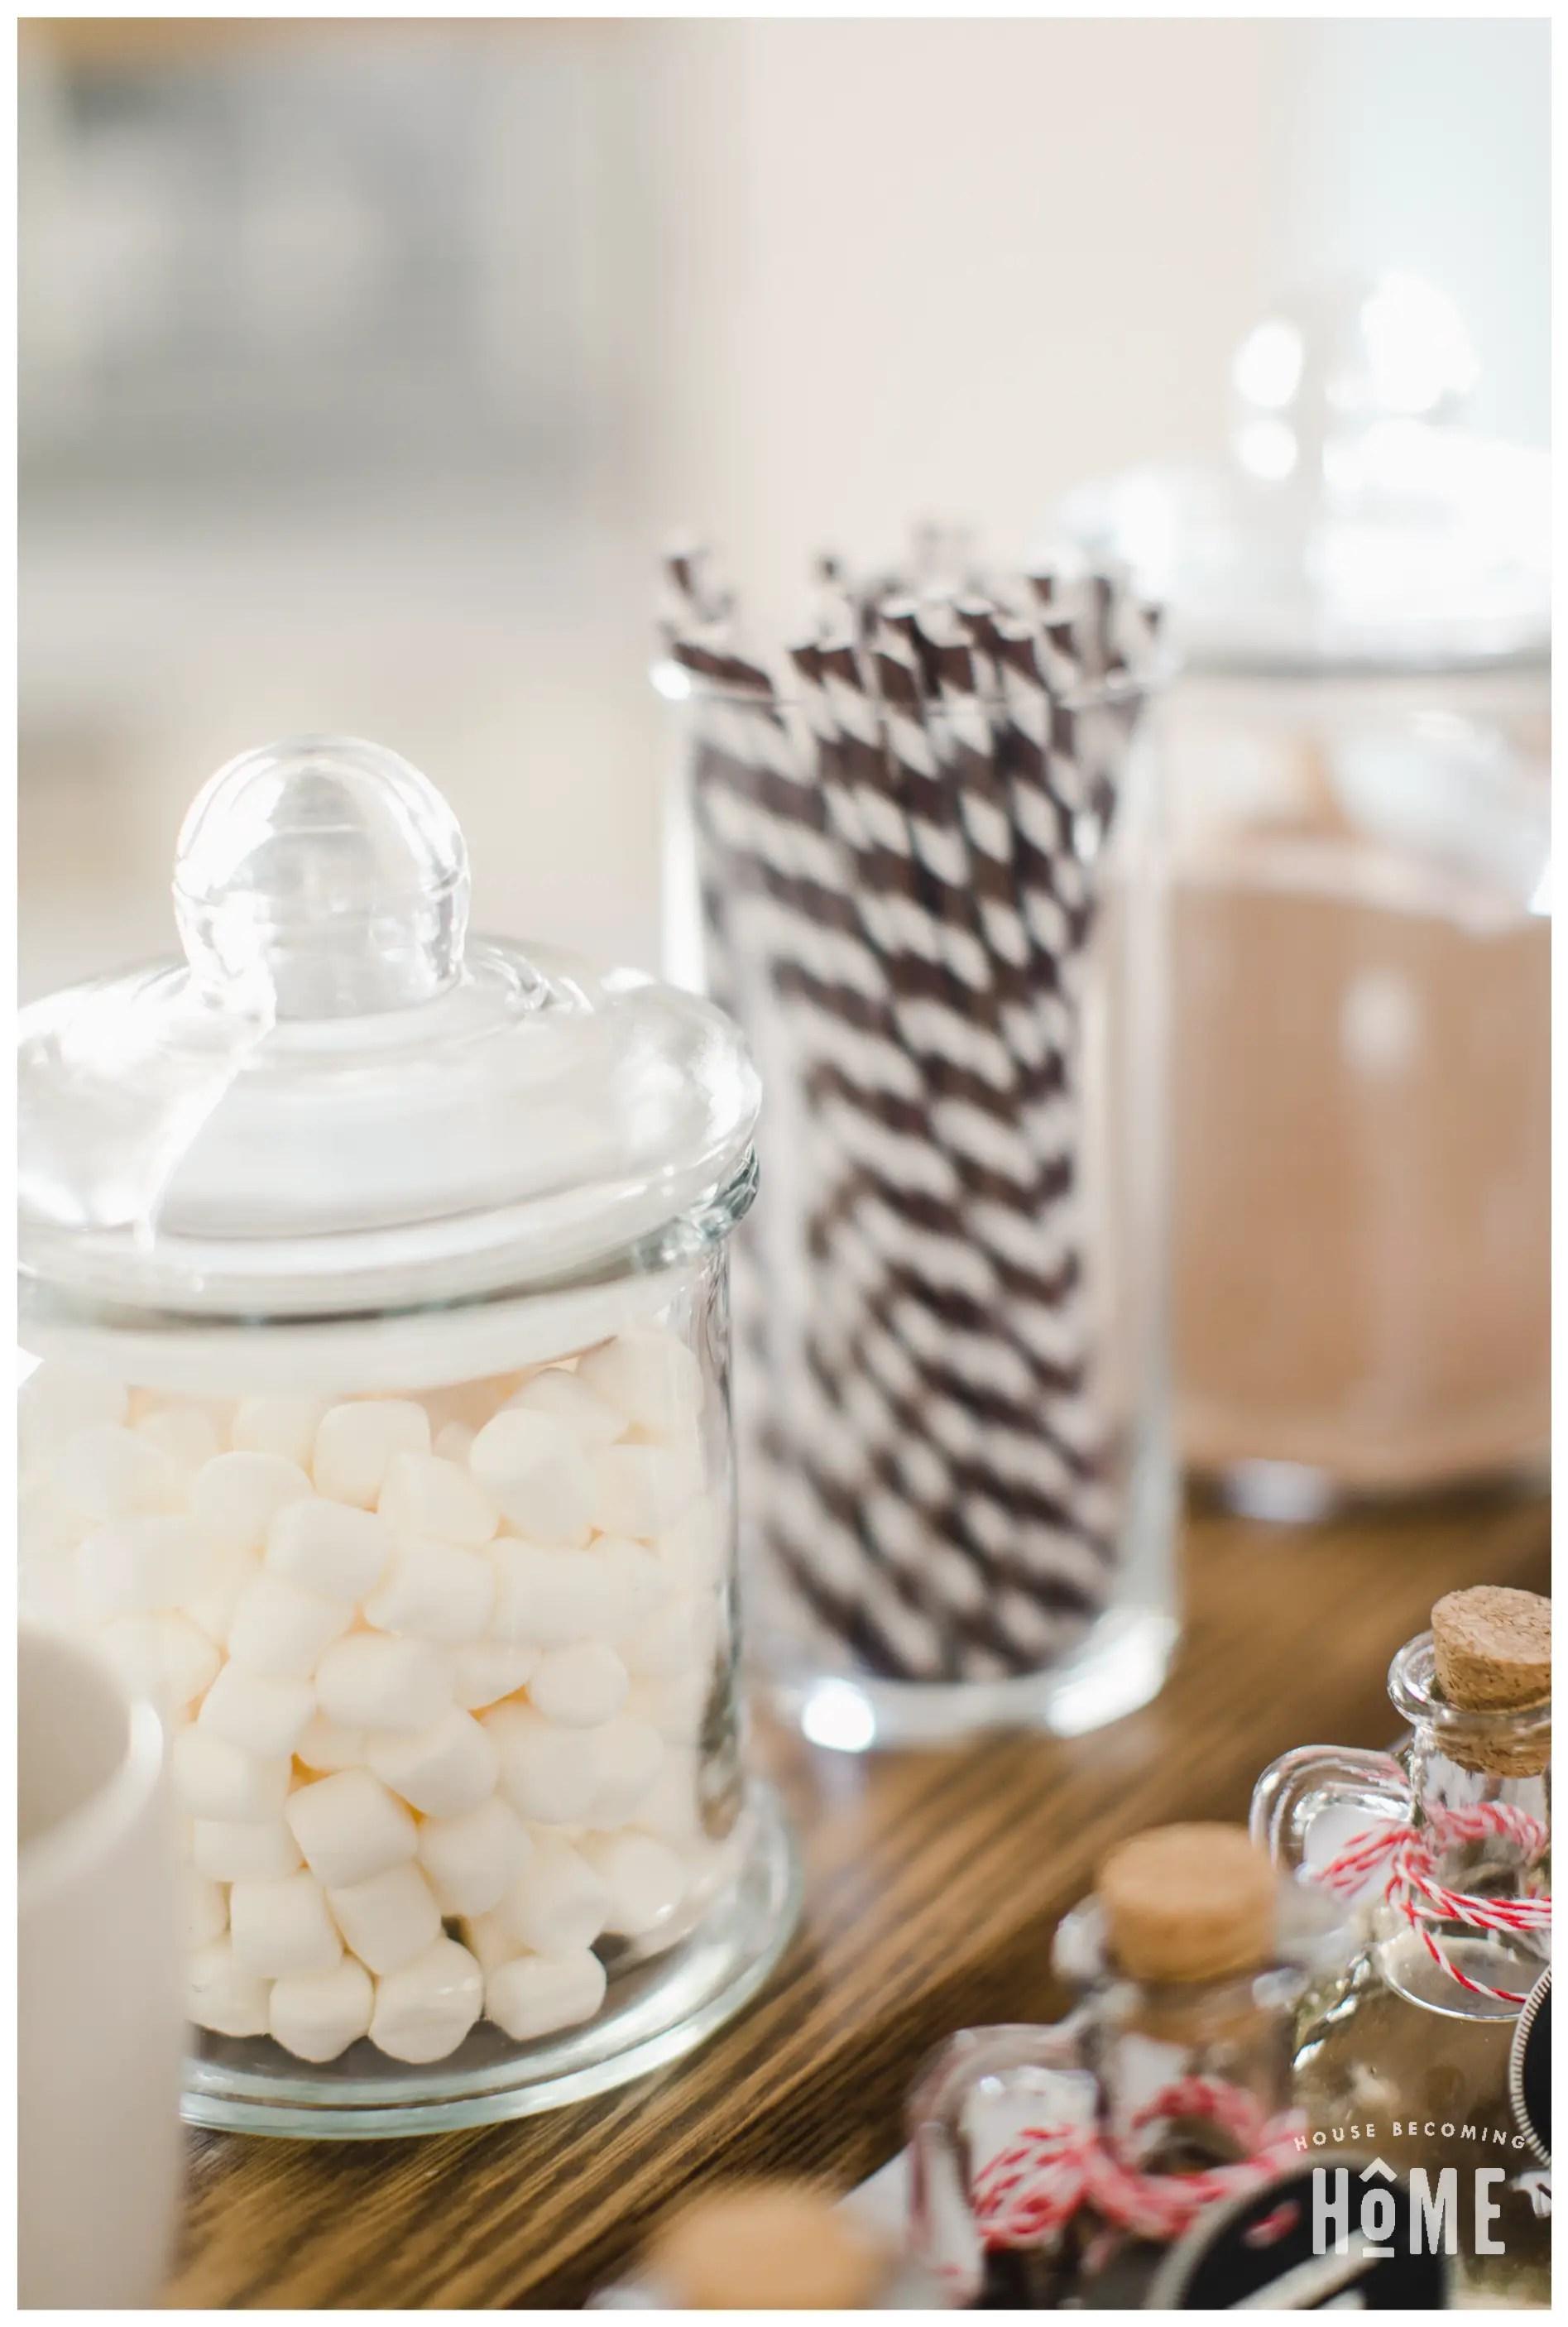 Hot Cocoa Bar Mini Marshmallows in Large Glass Jar